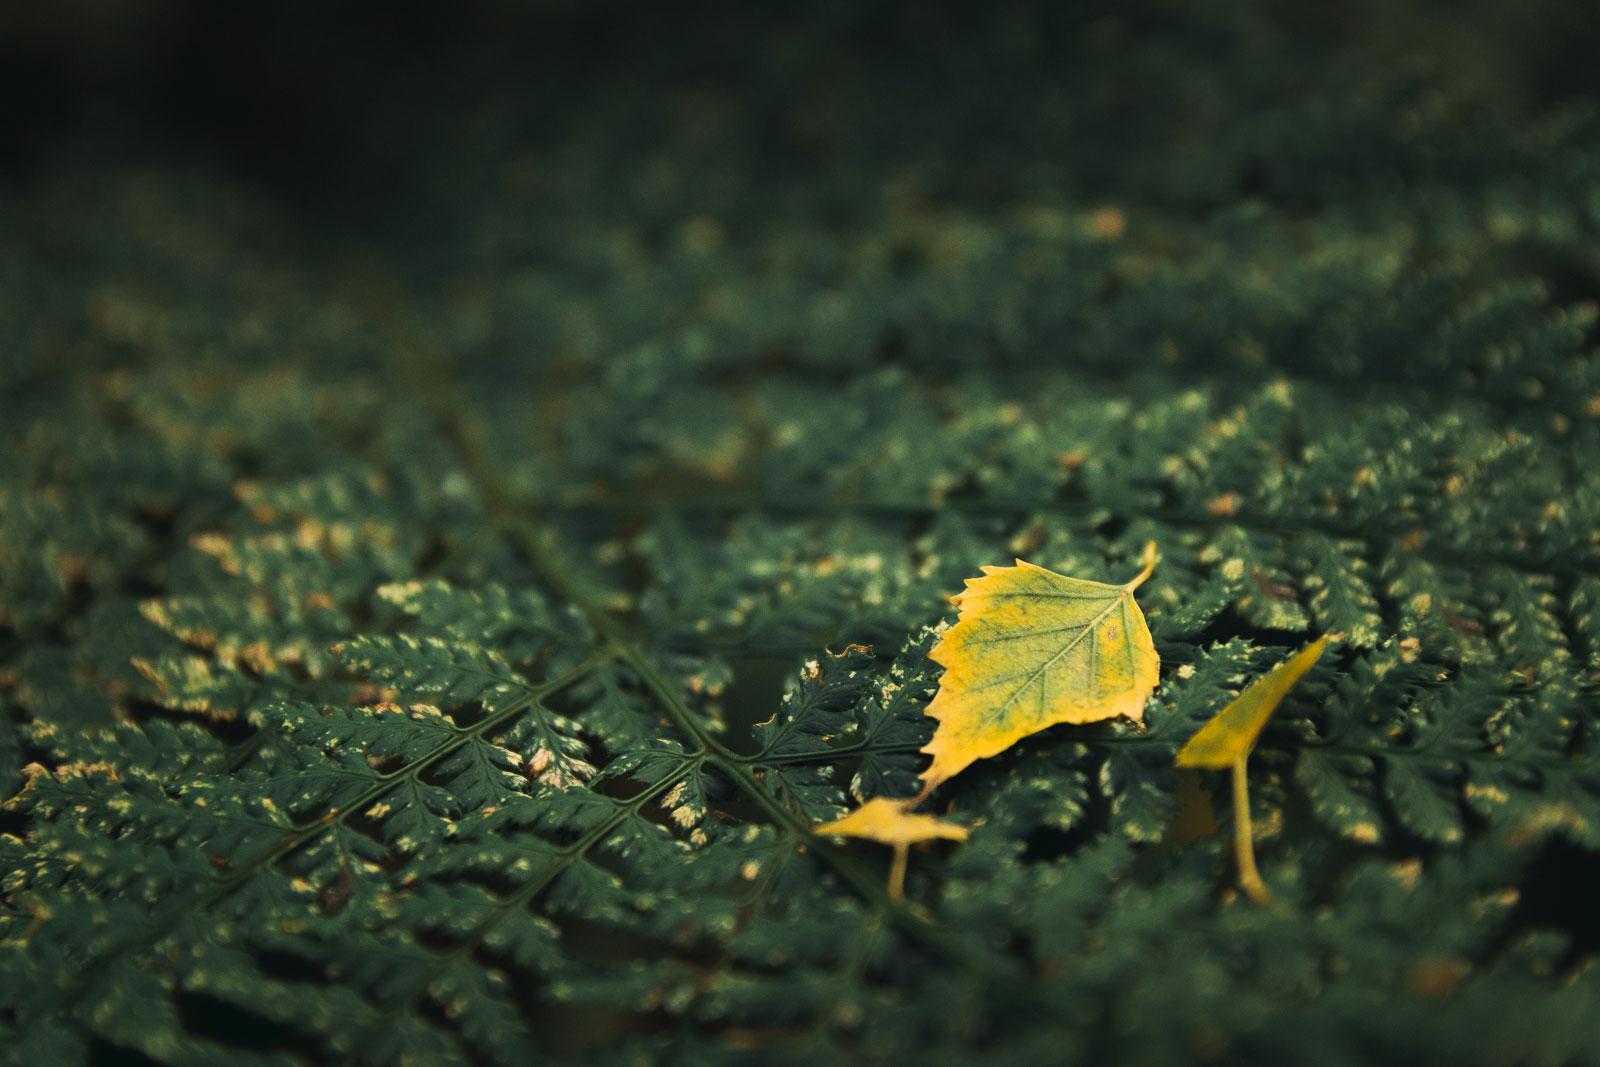 Holme Fen leaf on ferns in autumn